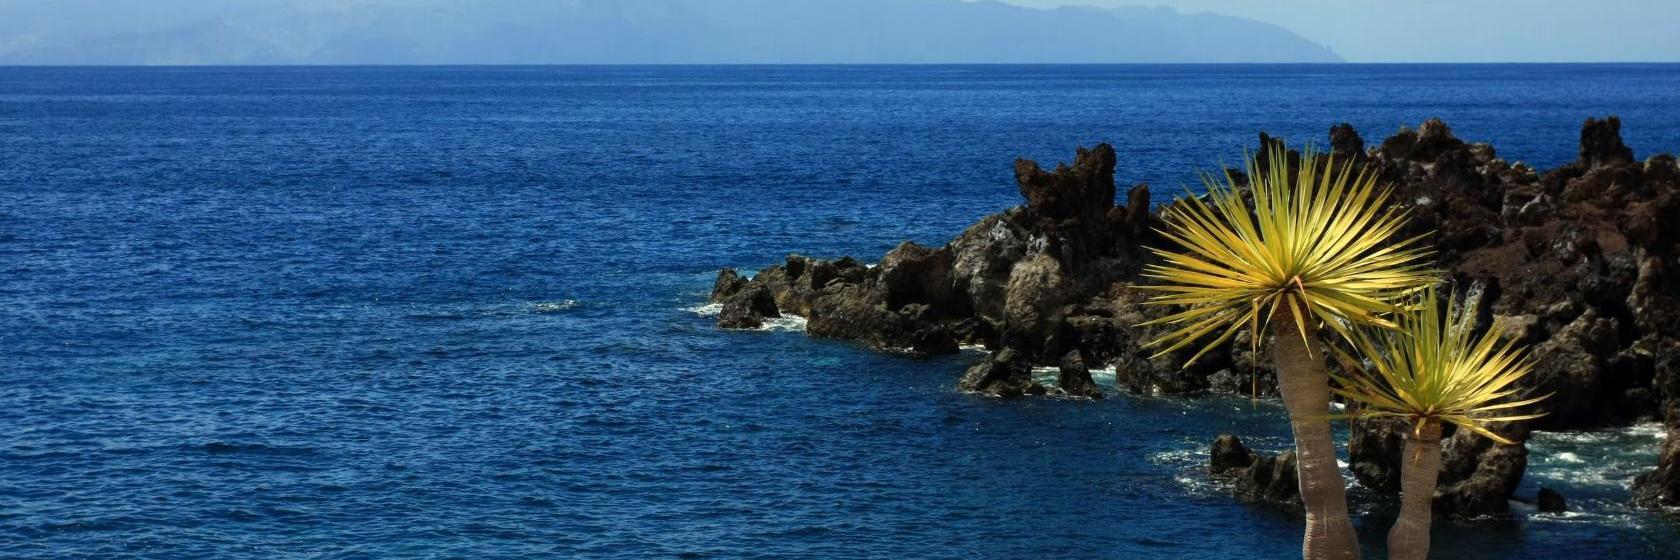 Hoteles baratos cerca de Playa Calera, Islas Canarias ...